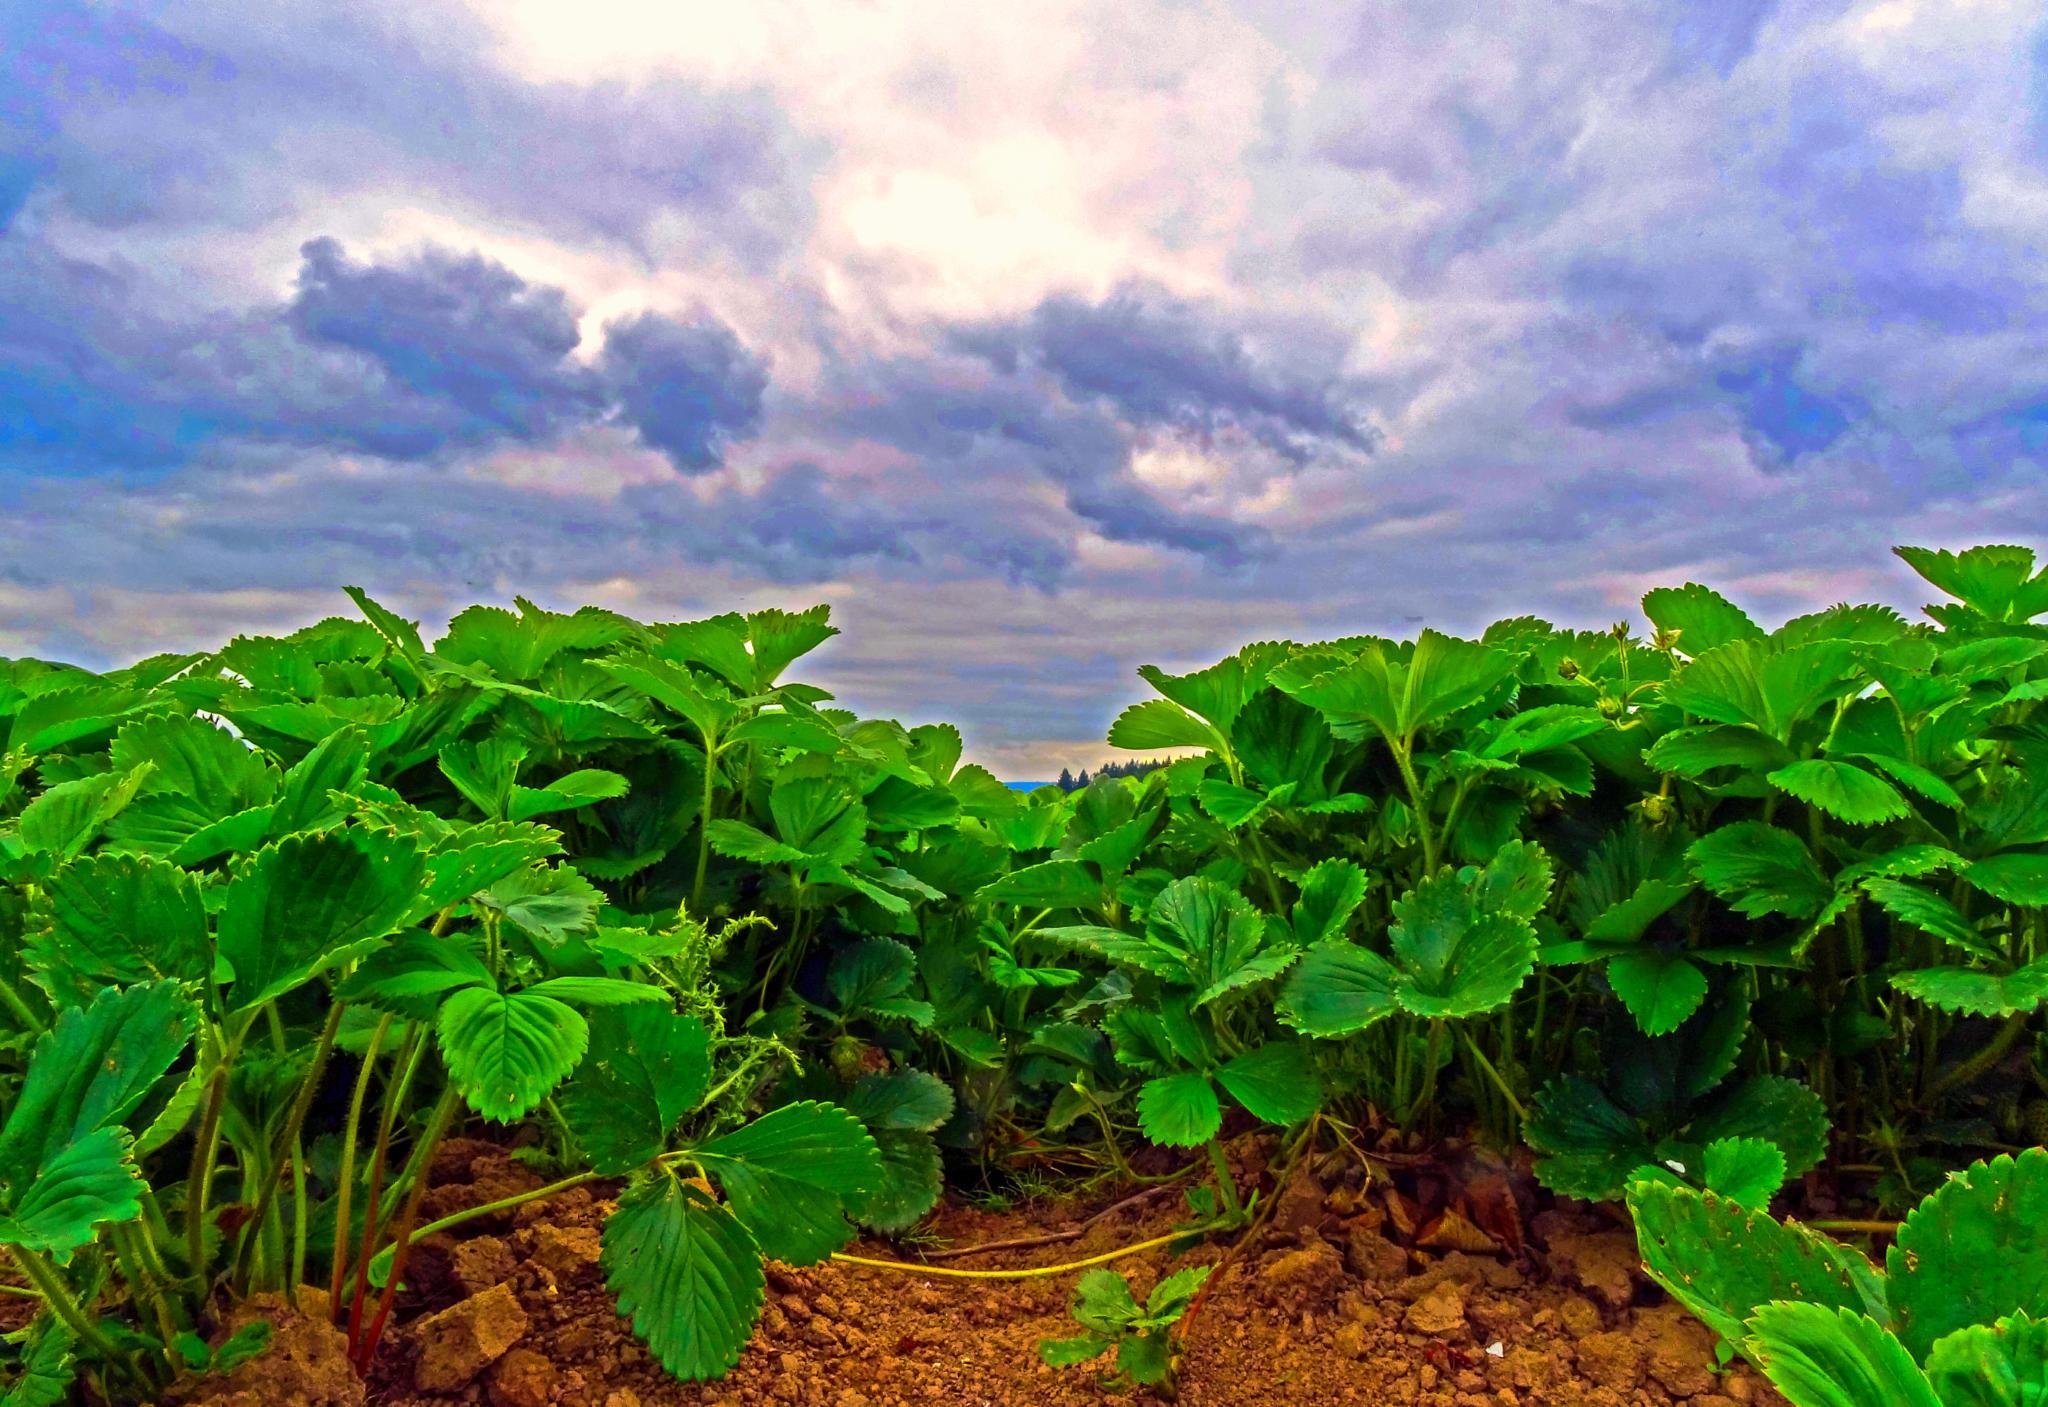 Strawberry Field-3 by karmel